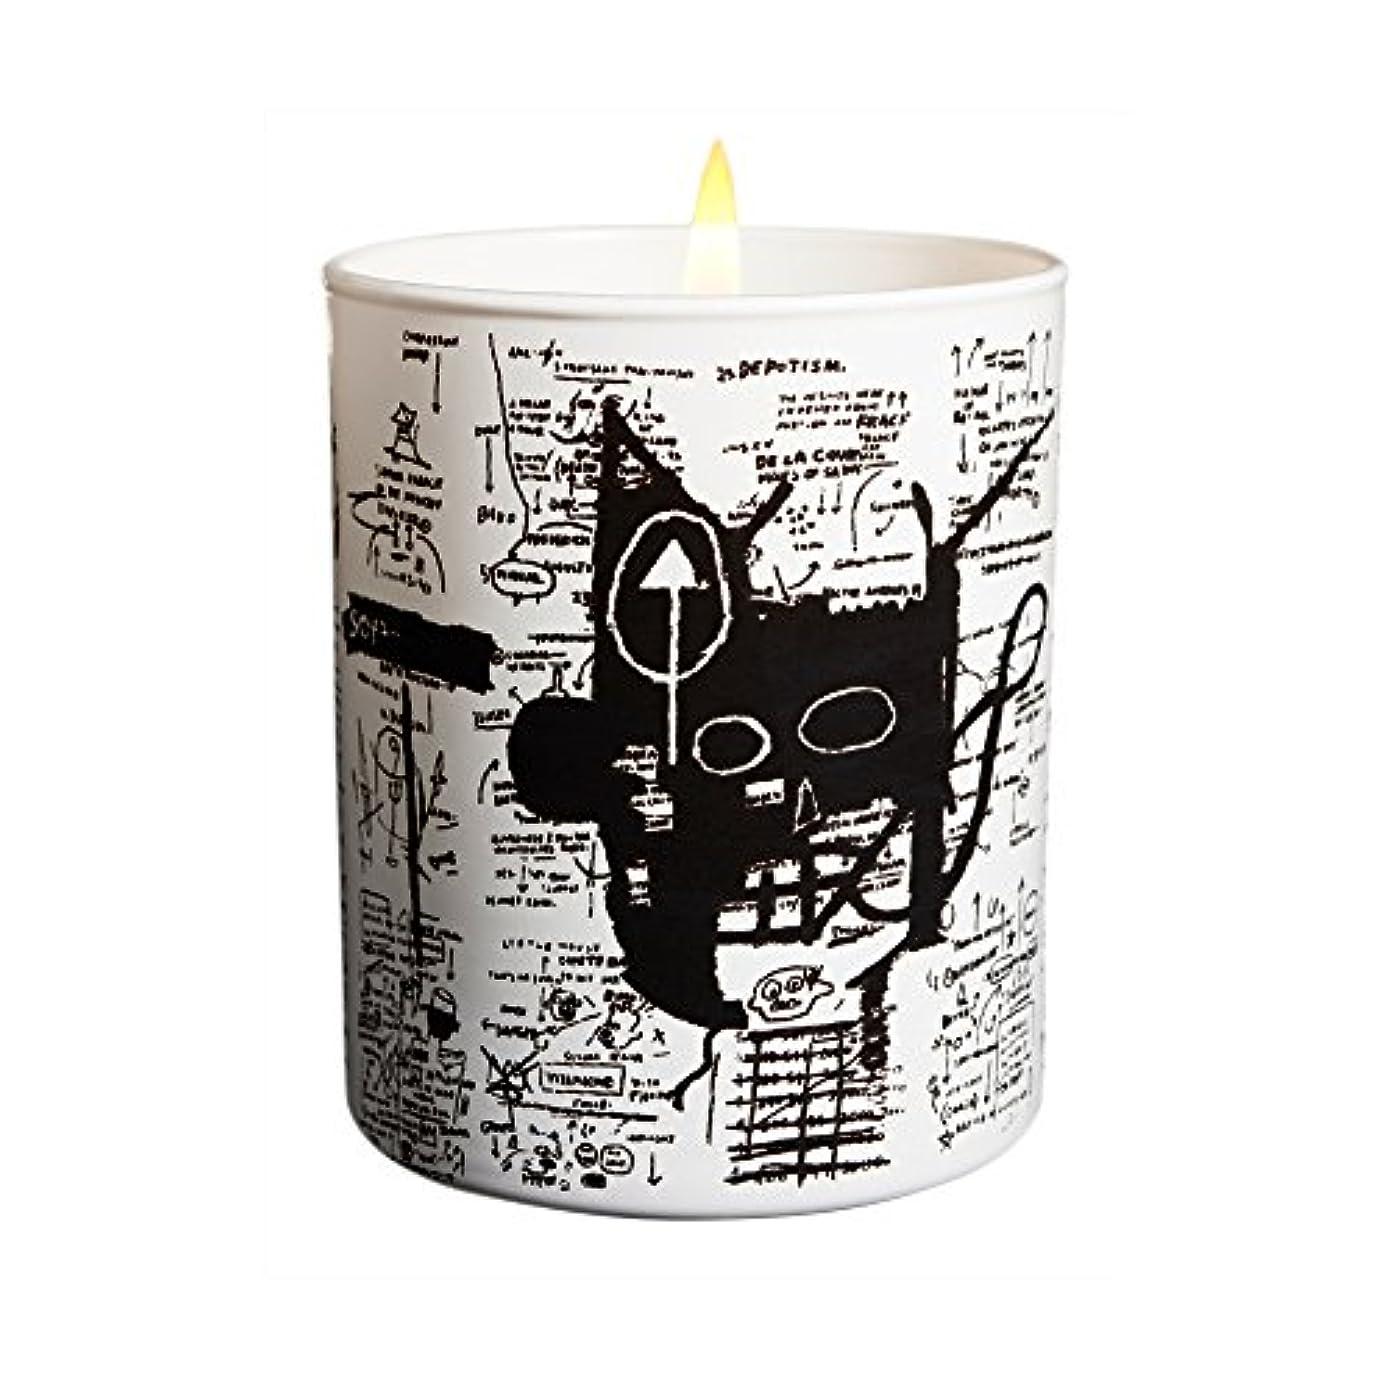 香り効果的スピーチジャン ミシェル バスキア リターン オブ ザ セントラル フィギュア キャンドル(Jean-Michael Basquiat Perfumed Candle